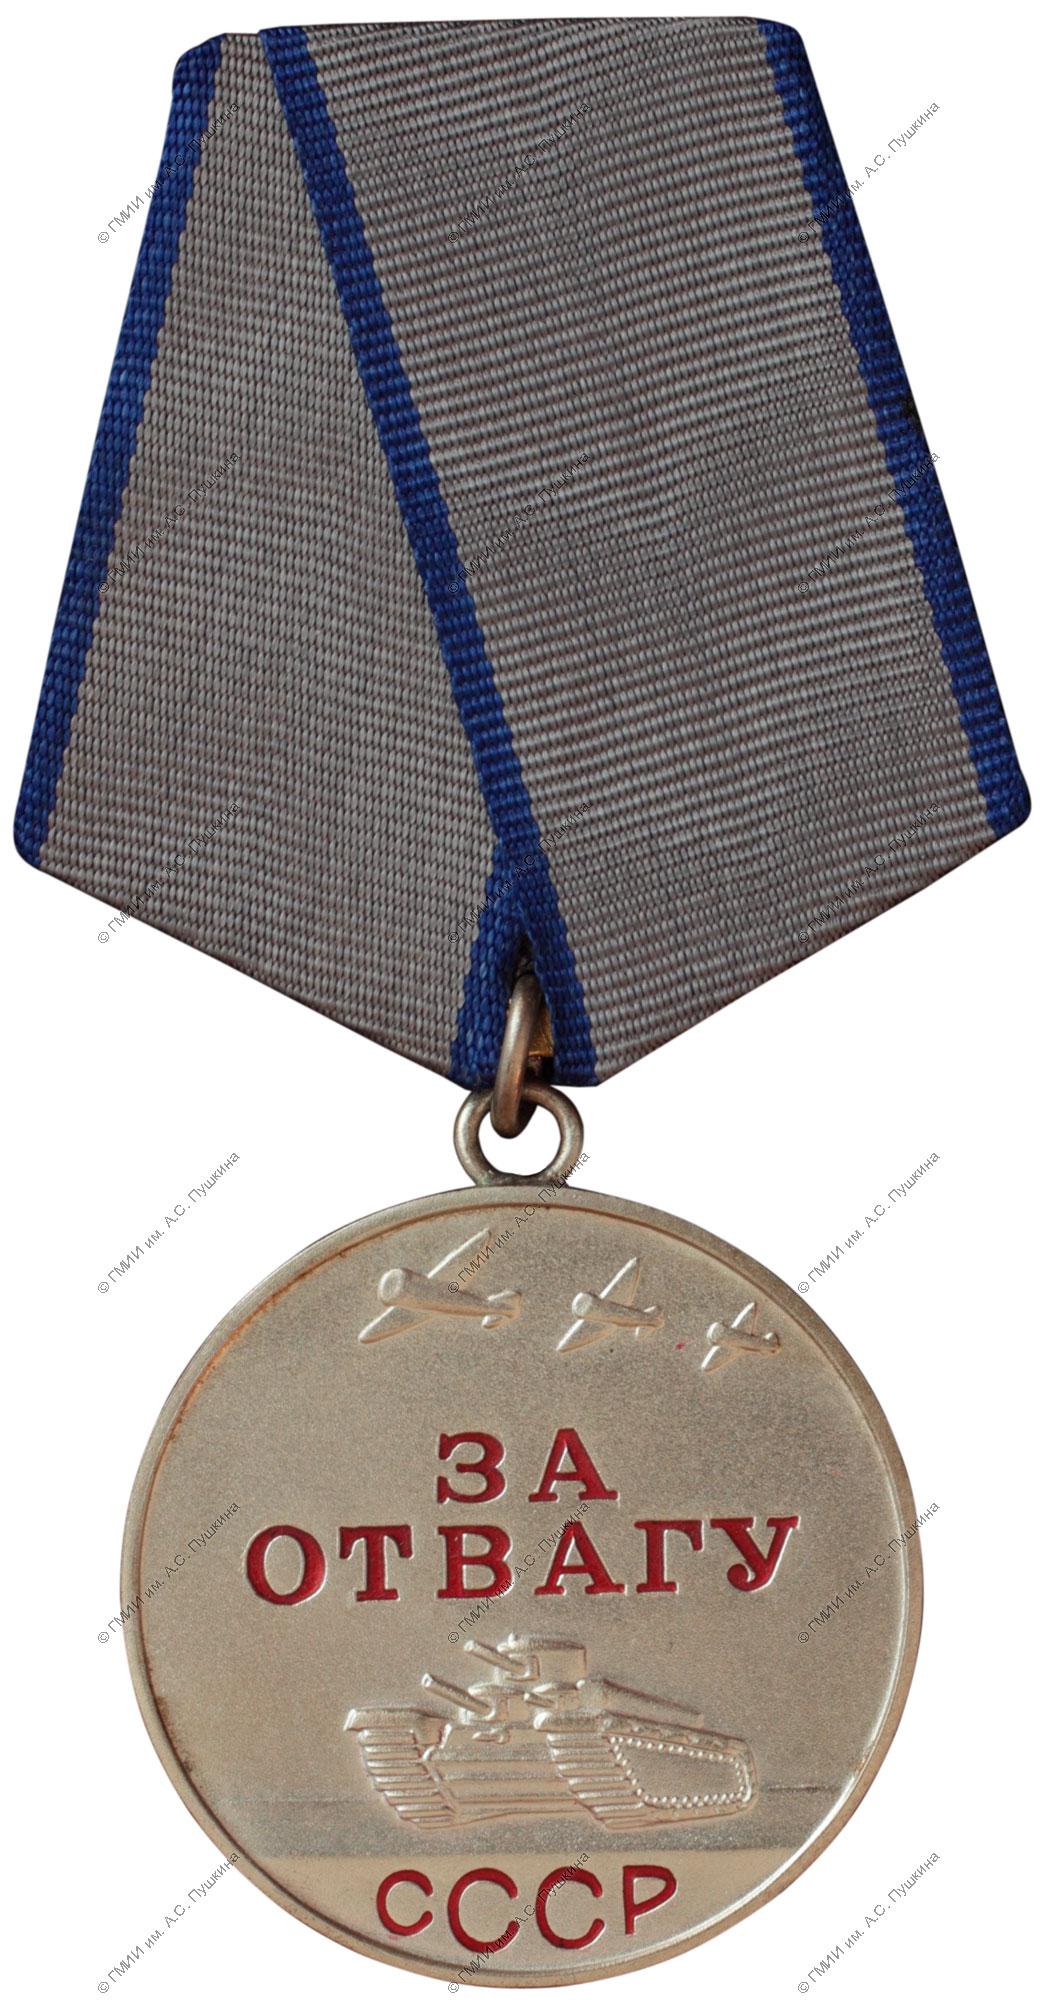 Нумизматика | Медали | | Каталог | База данных | СССР | Медаль